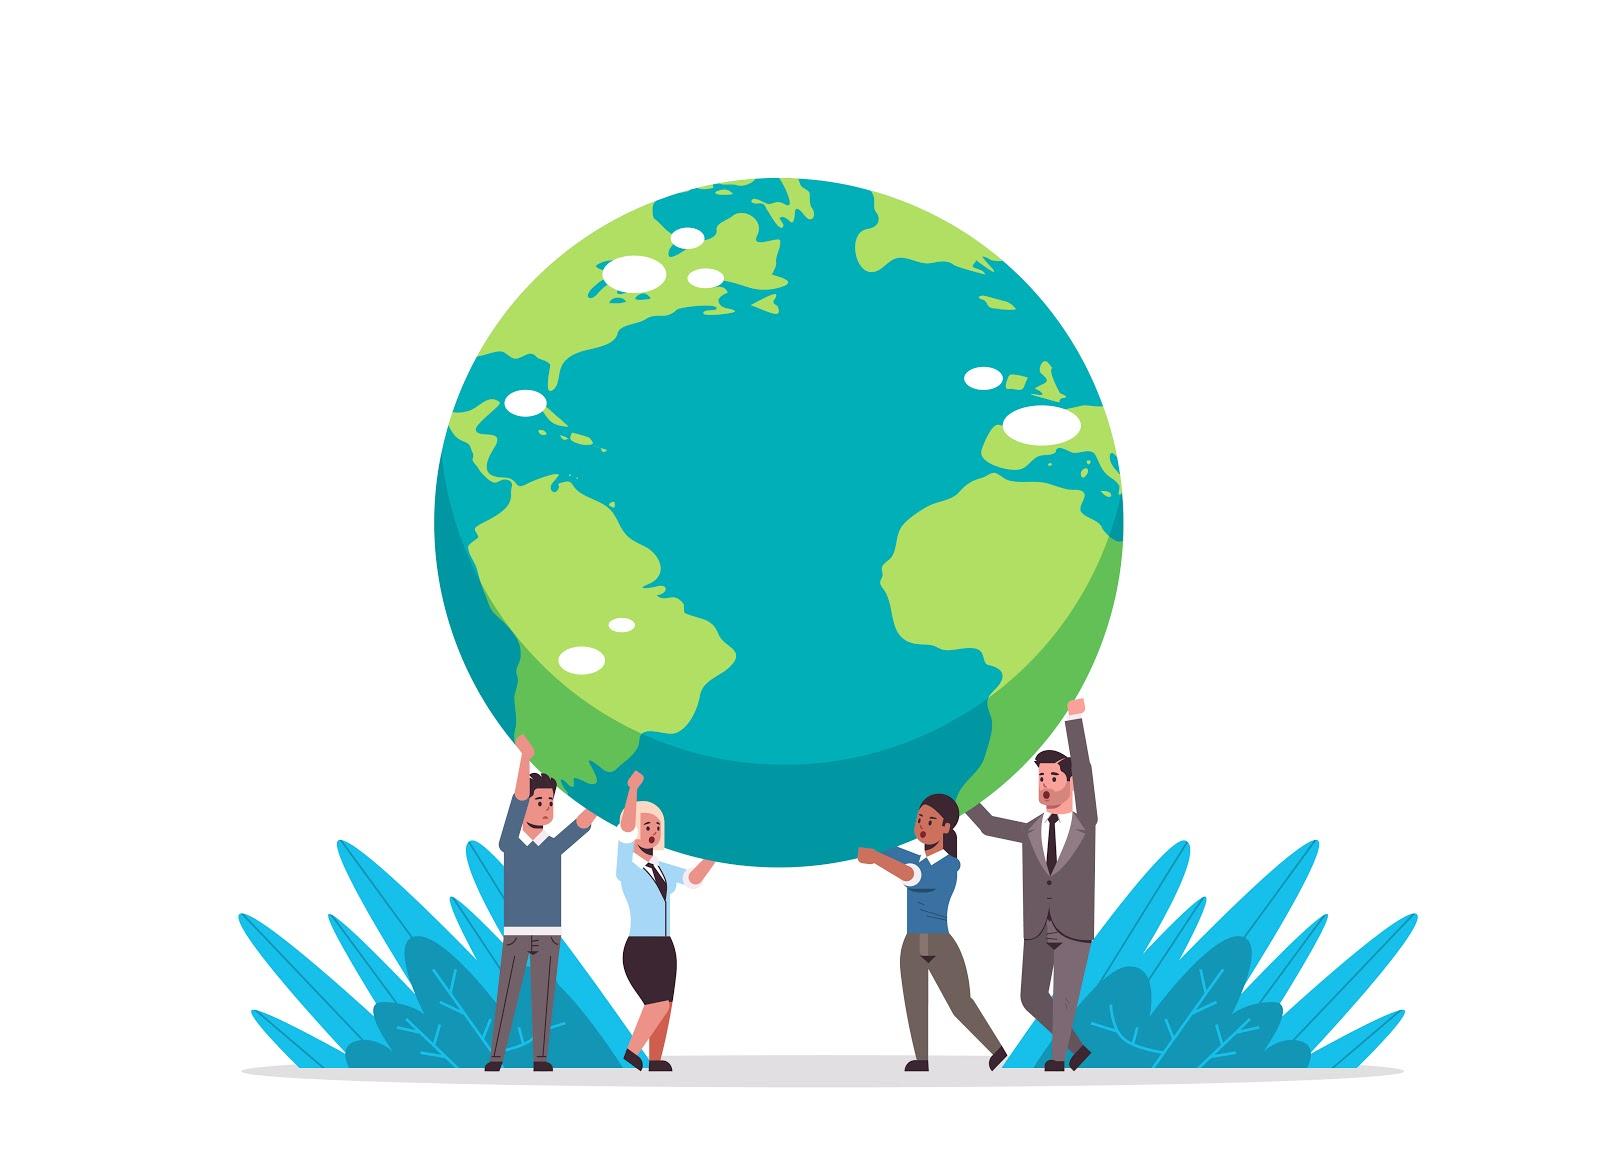 ilustração de pessoas segurando o planeta